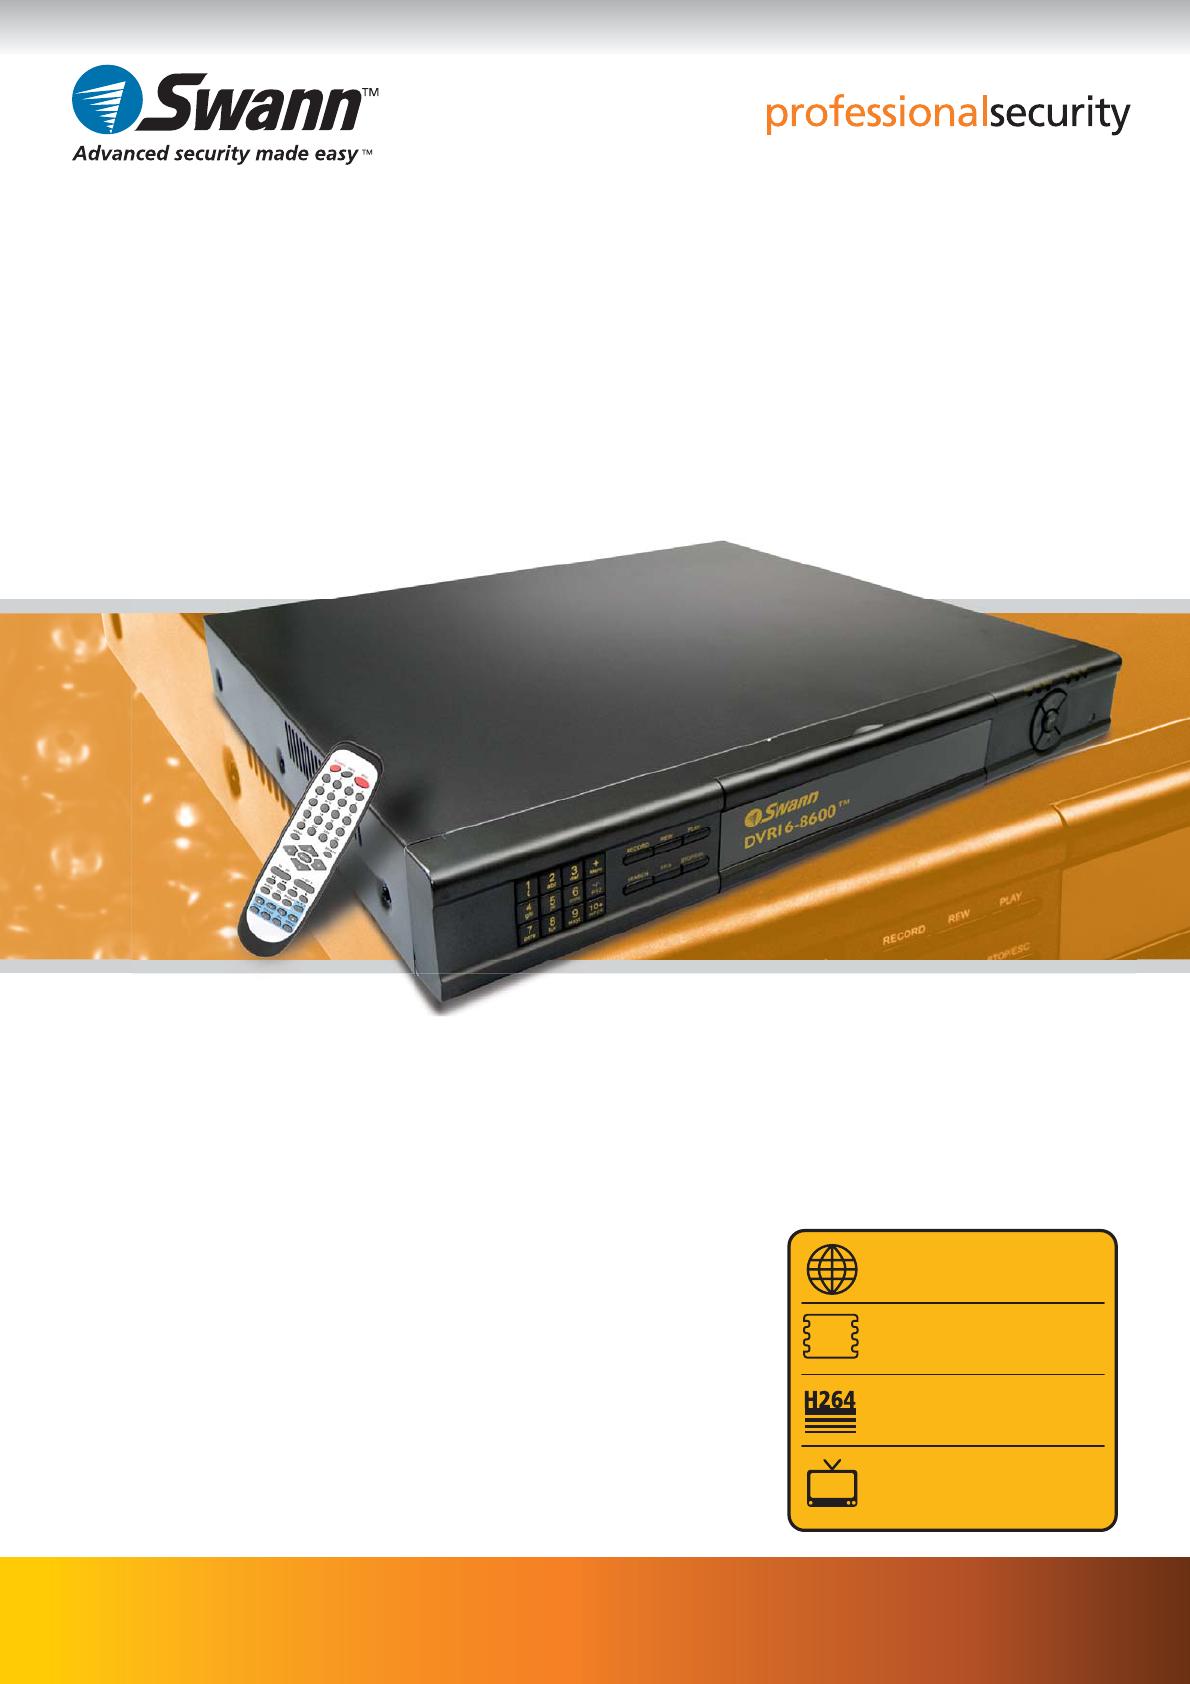 Swann DVR16-8600, SW242-6TH manual